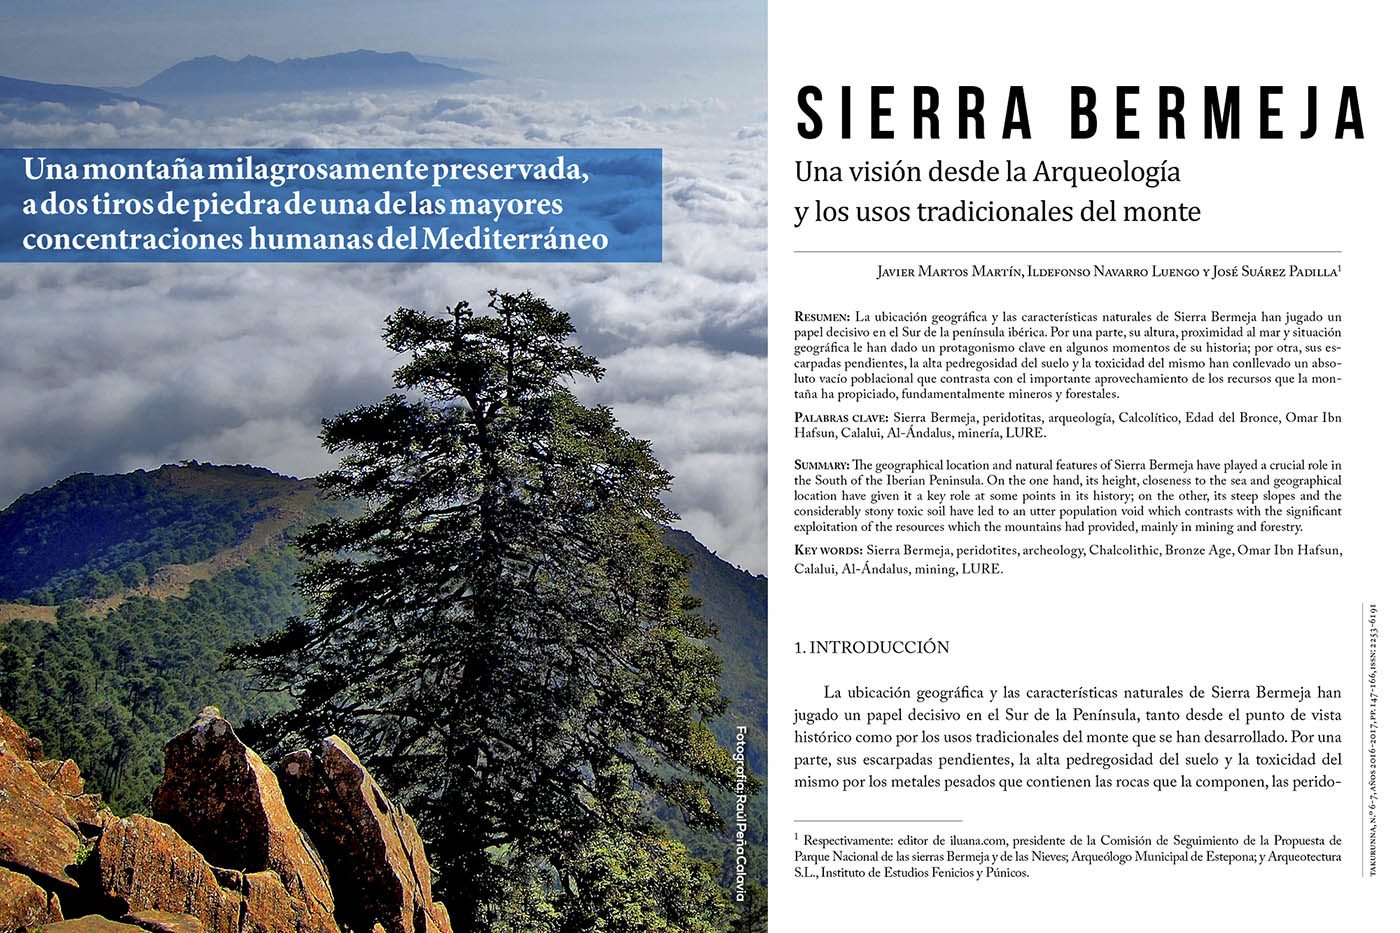 Sierra Bermeja. Una visión desde la arqueología y los usos tradicionales del monte